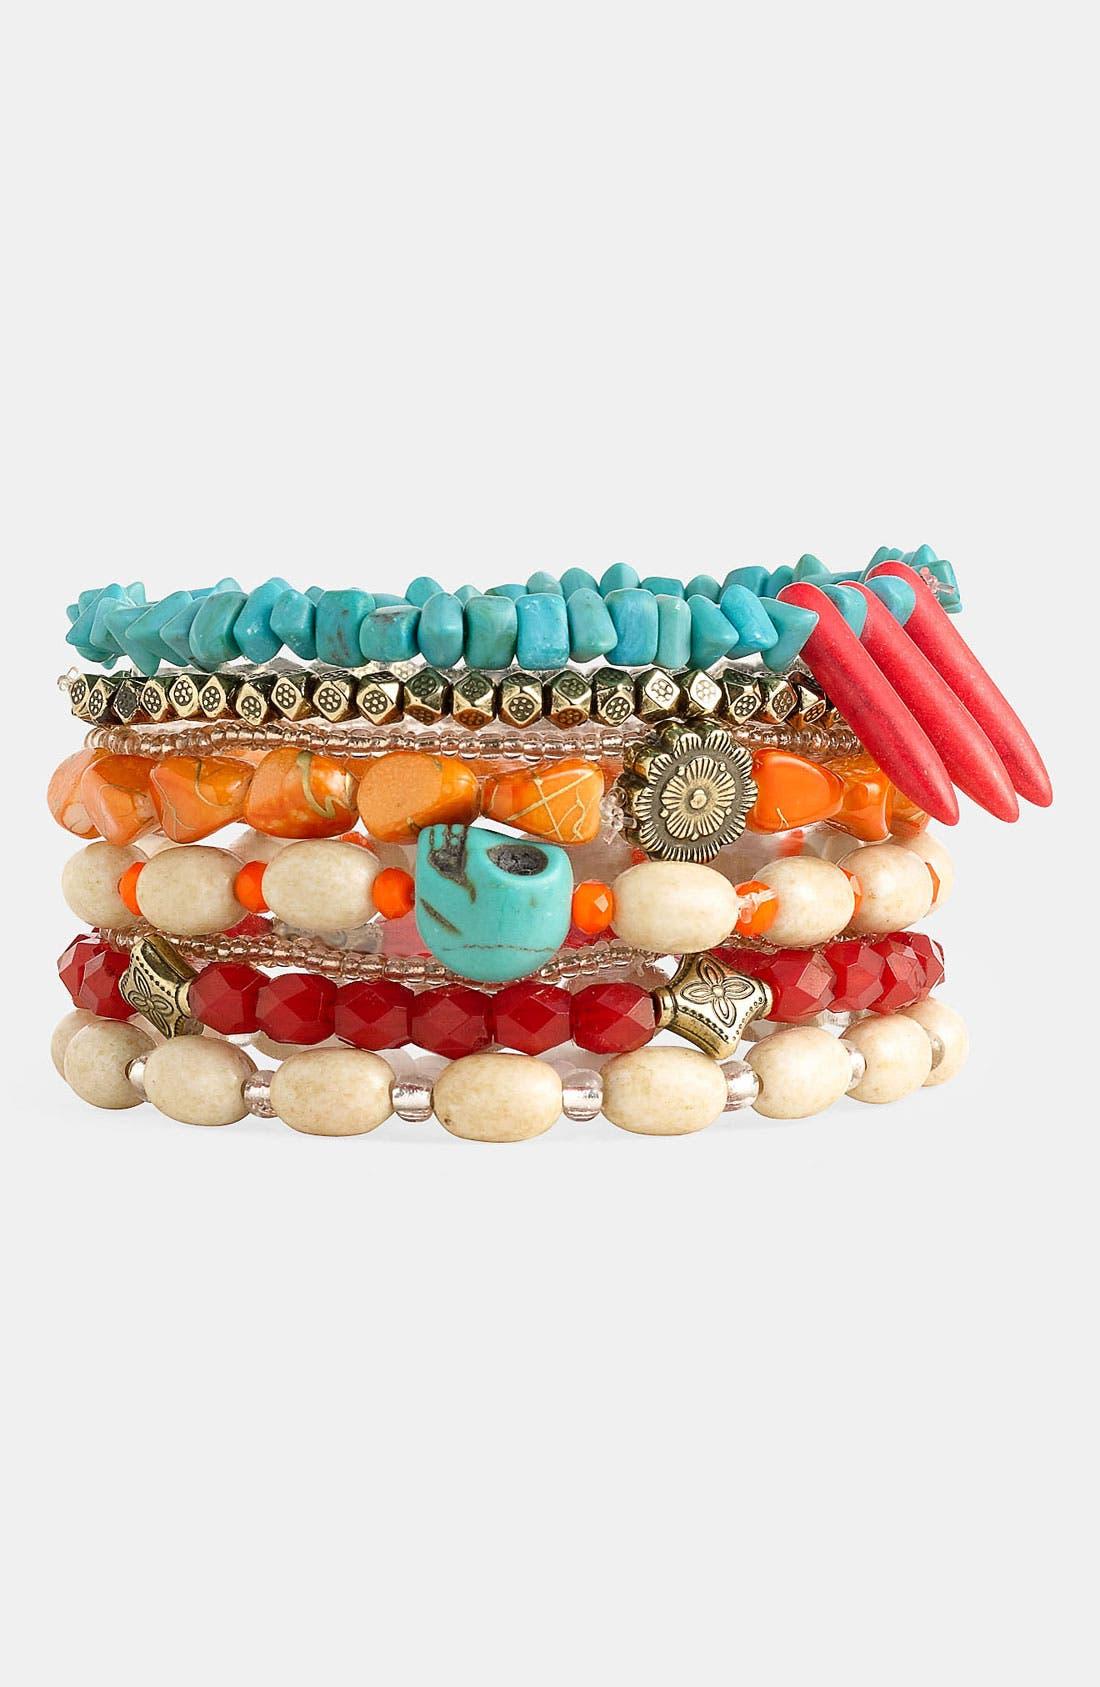 Alternate Image 1 Selected - Spring Street Design Group Stretch Bracelets (Set of 8) (Nordstrom Exclusive)